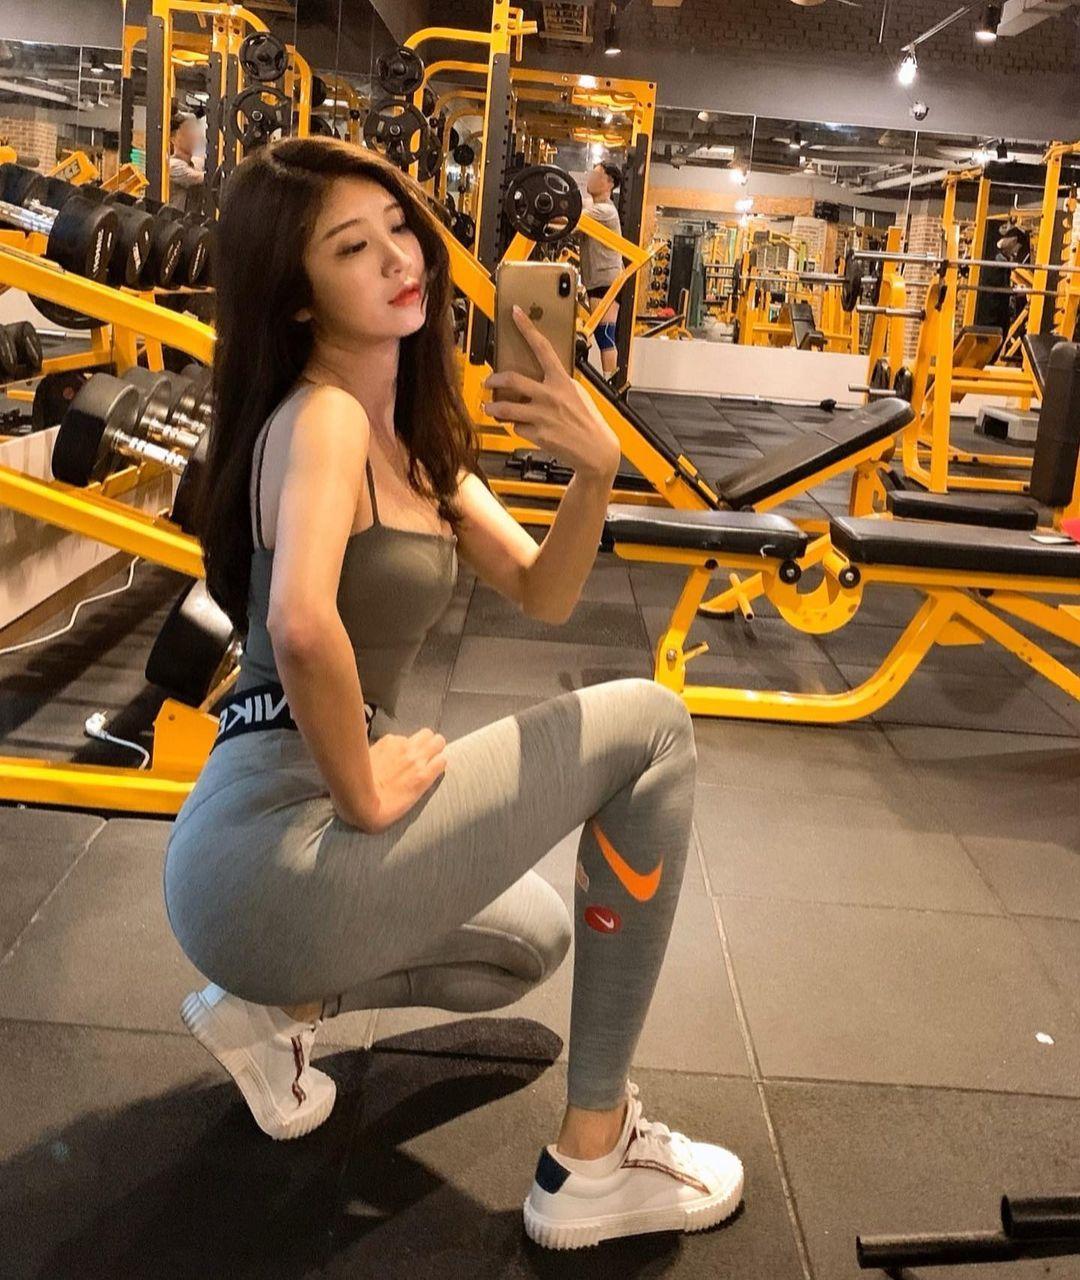 天菜皮拉提斯老师「몽쌤」贴身瑜珈裤诱惑火辣诱人「美腿曲线」整个太犯规